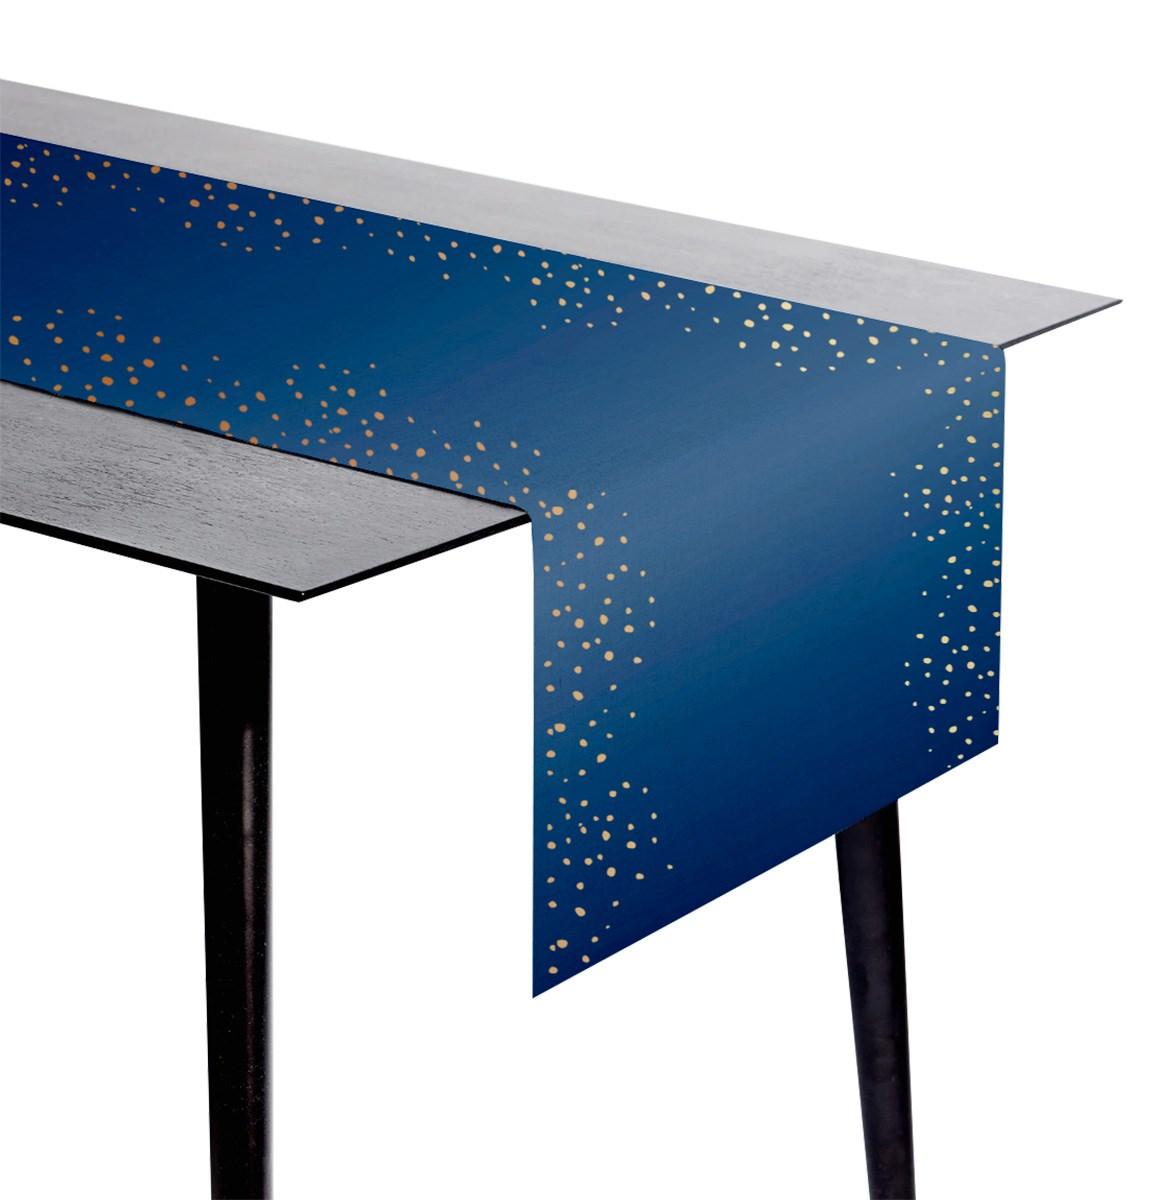 Table runner Elegant True Blue 1